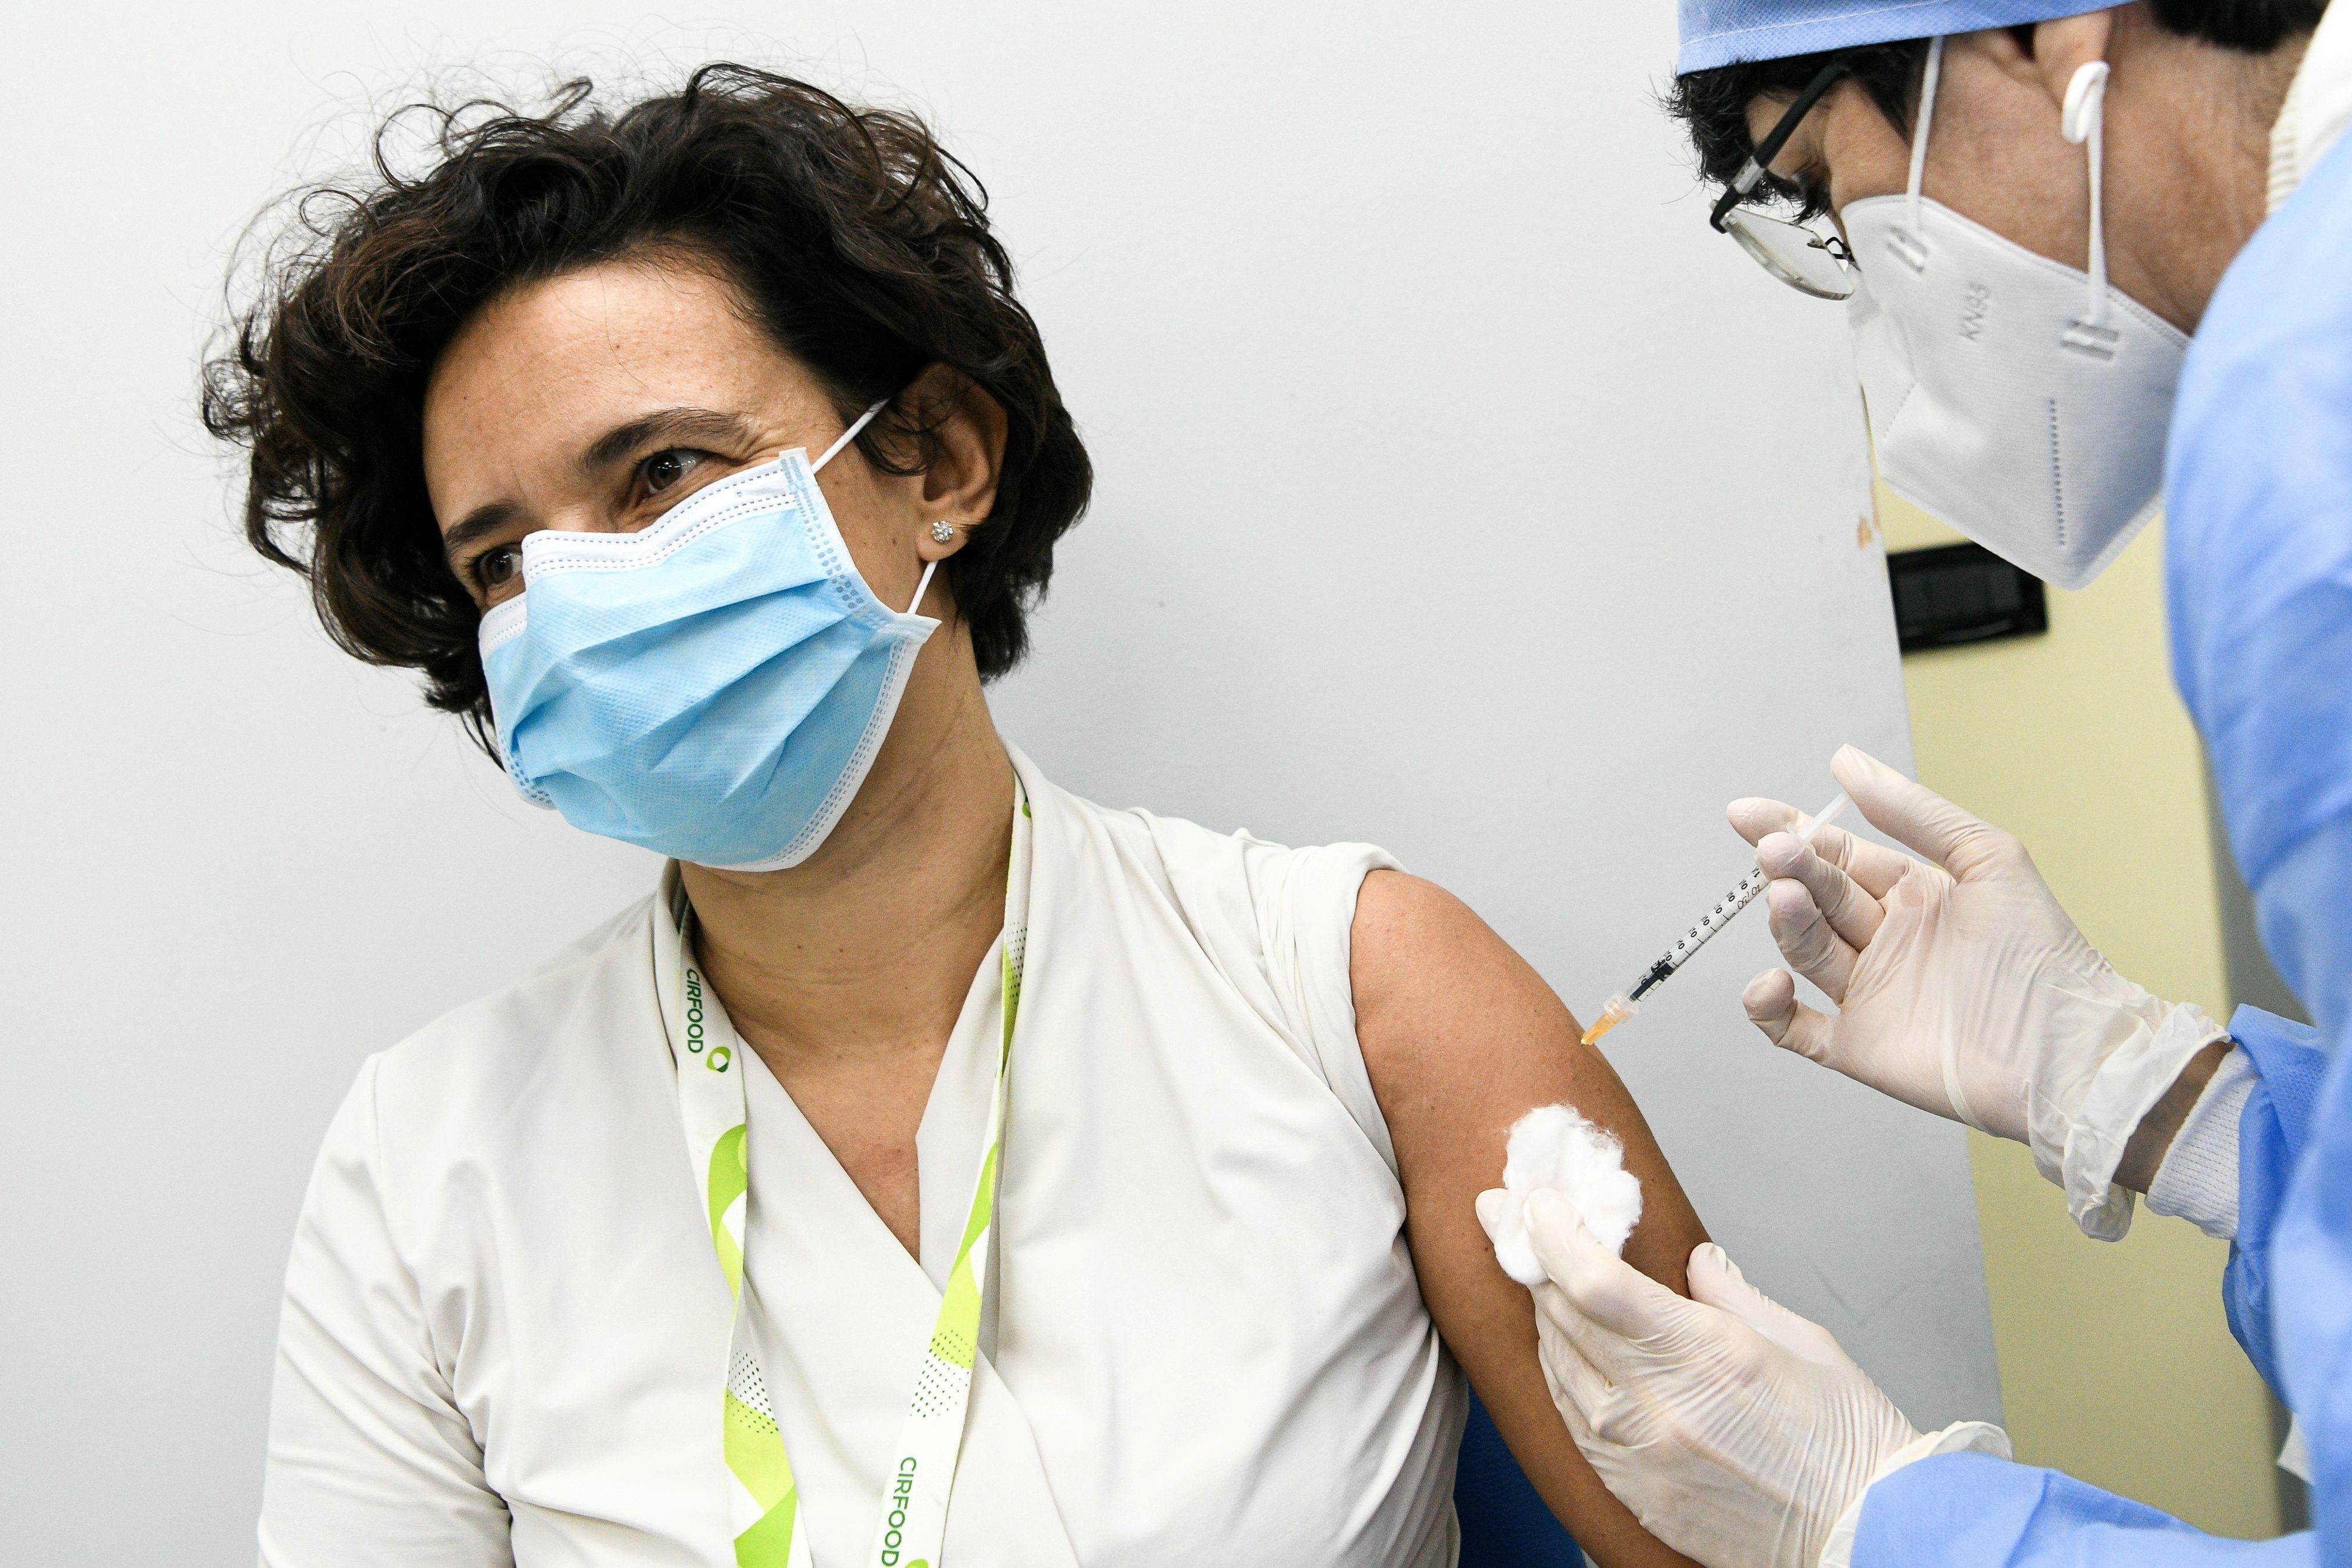 Cientos de miles de personas son vacunadas en todo el mundo cada día contra el nuevo coronavirus - REUTERS/File Photo